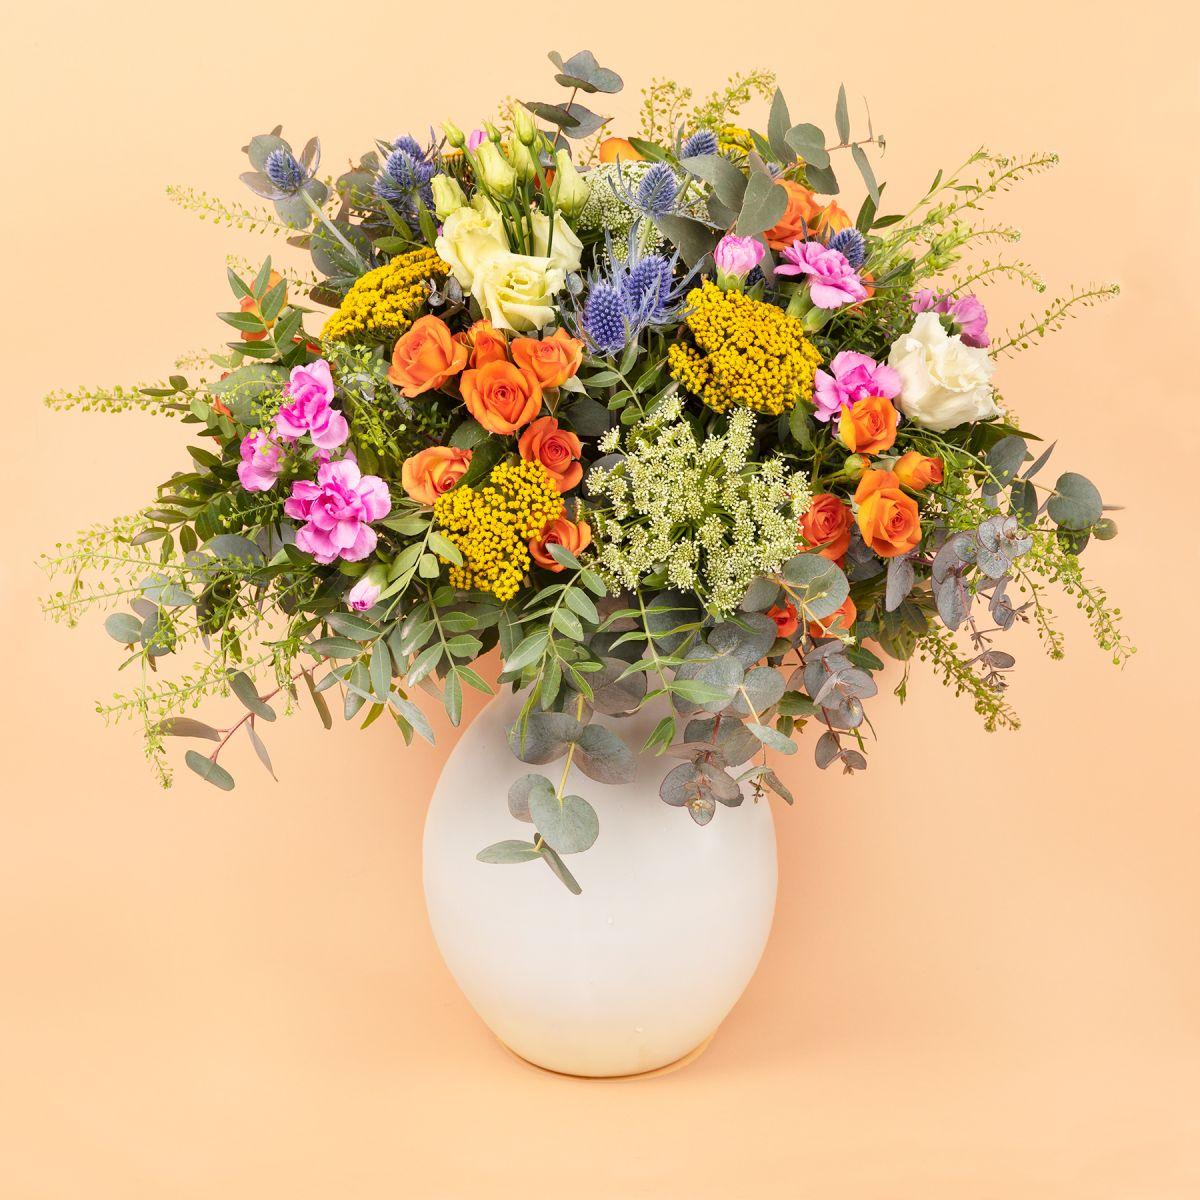 Mazzo di fiori con rose pitimini - Blossom Garden - Fiori a domicilio - Colvin